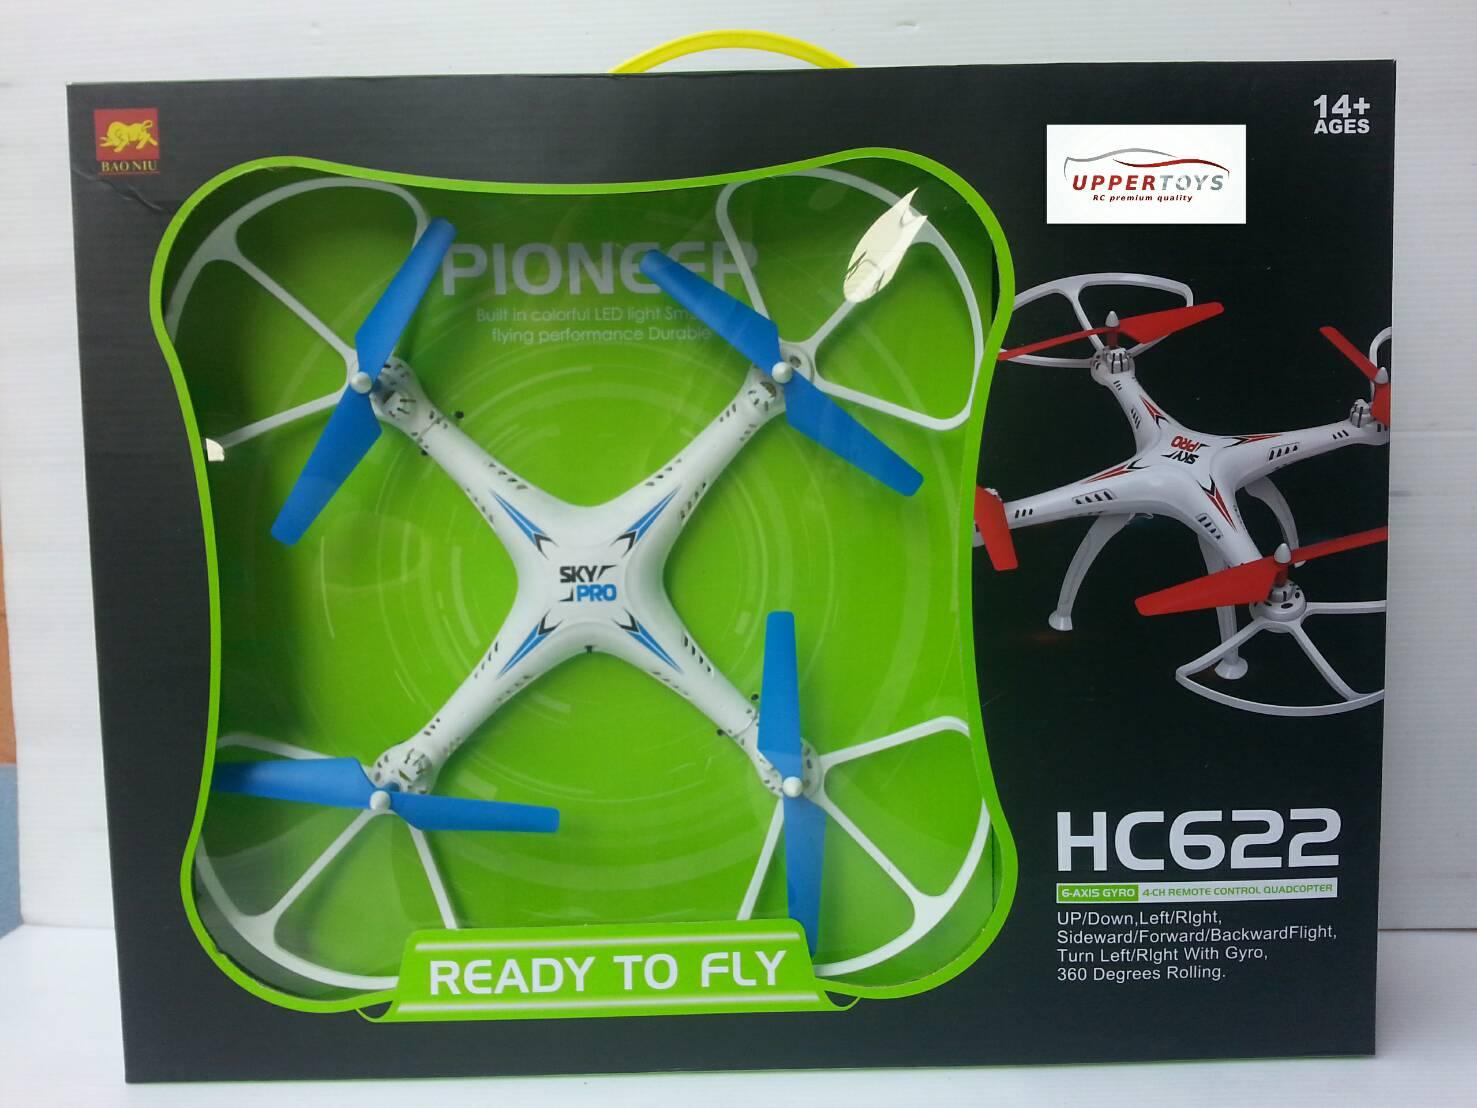 โดรนฝึกบิน HC622 pineer 6-axis gyro 4CH